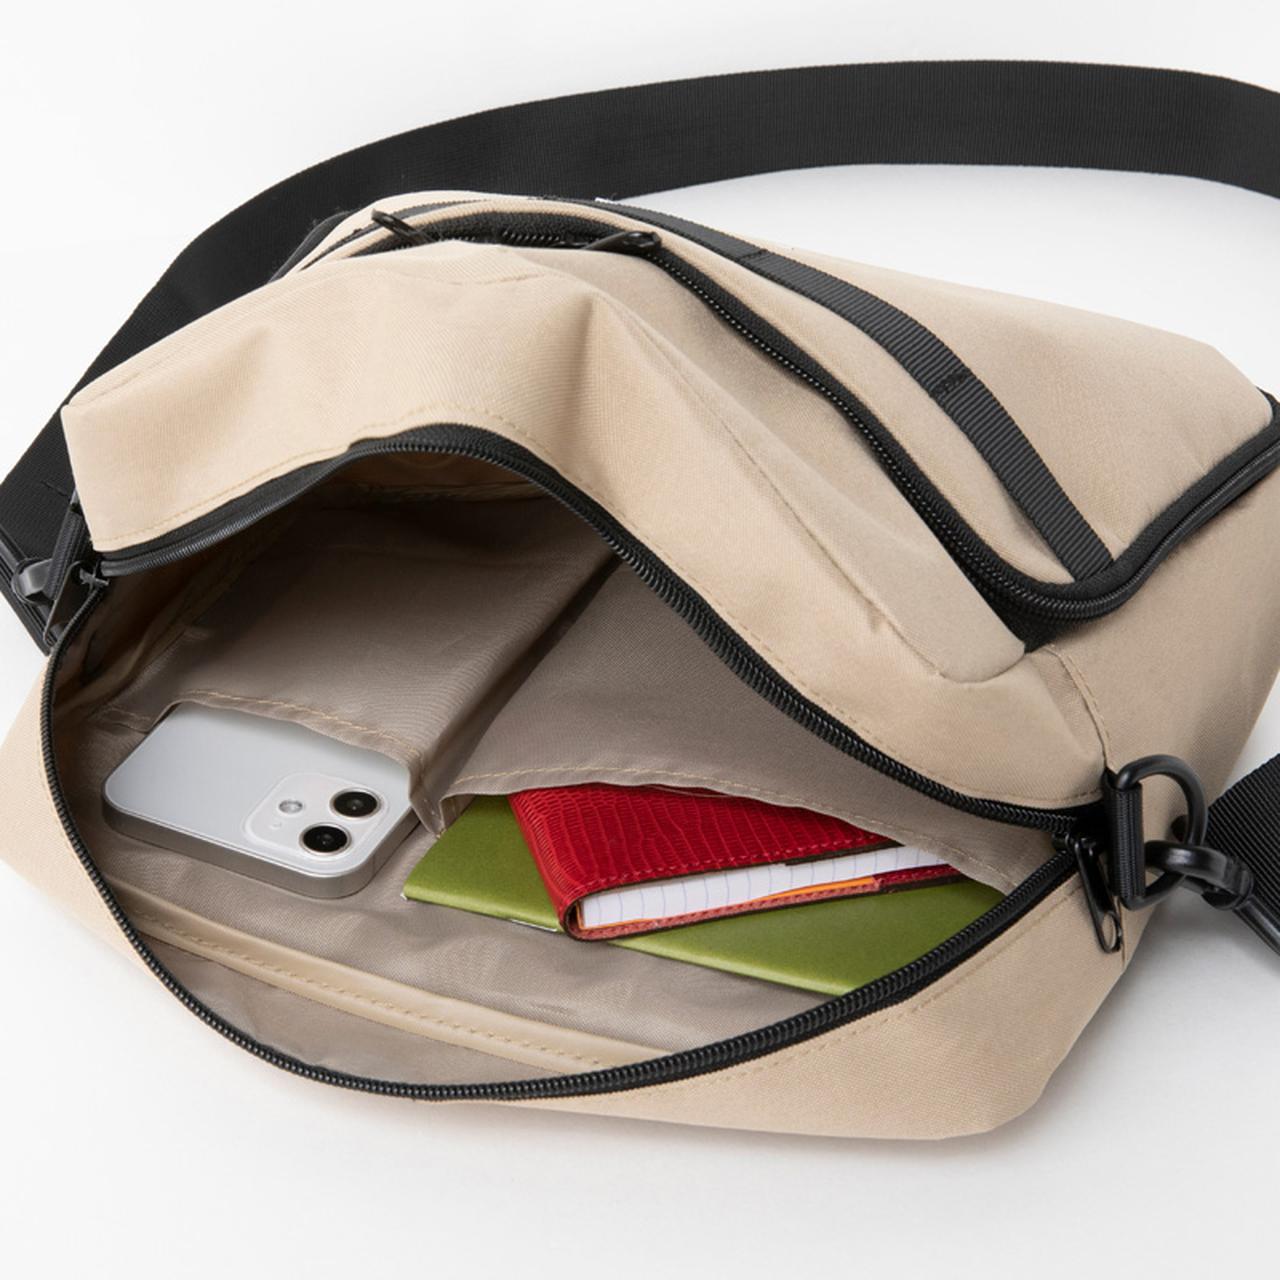 画像3: DODブランドブック第三弾!キャンプに日常に旅行に、うっかり毎日使ってしまうトランスフォームショルダーバッグを宝島社より発売!